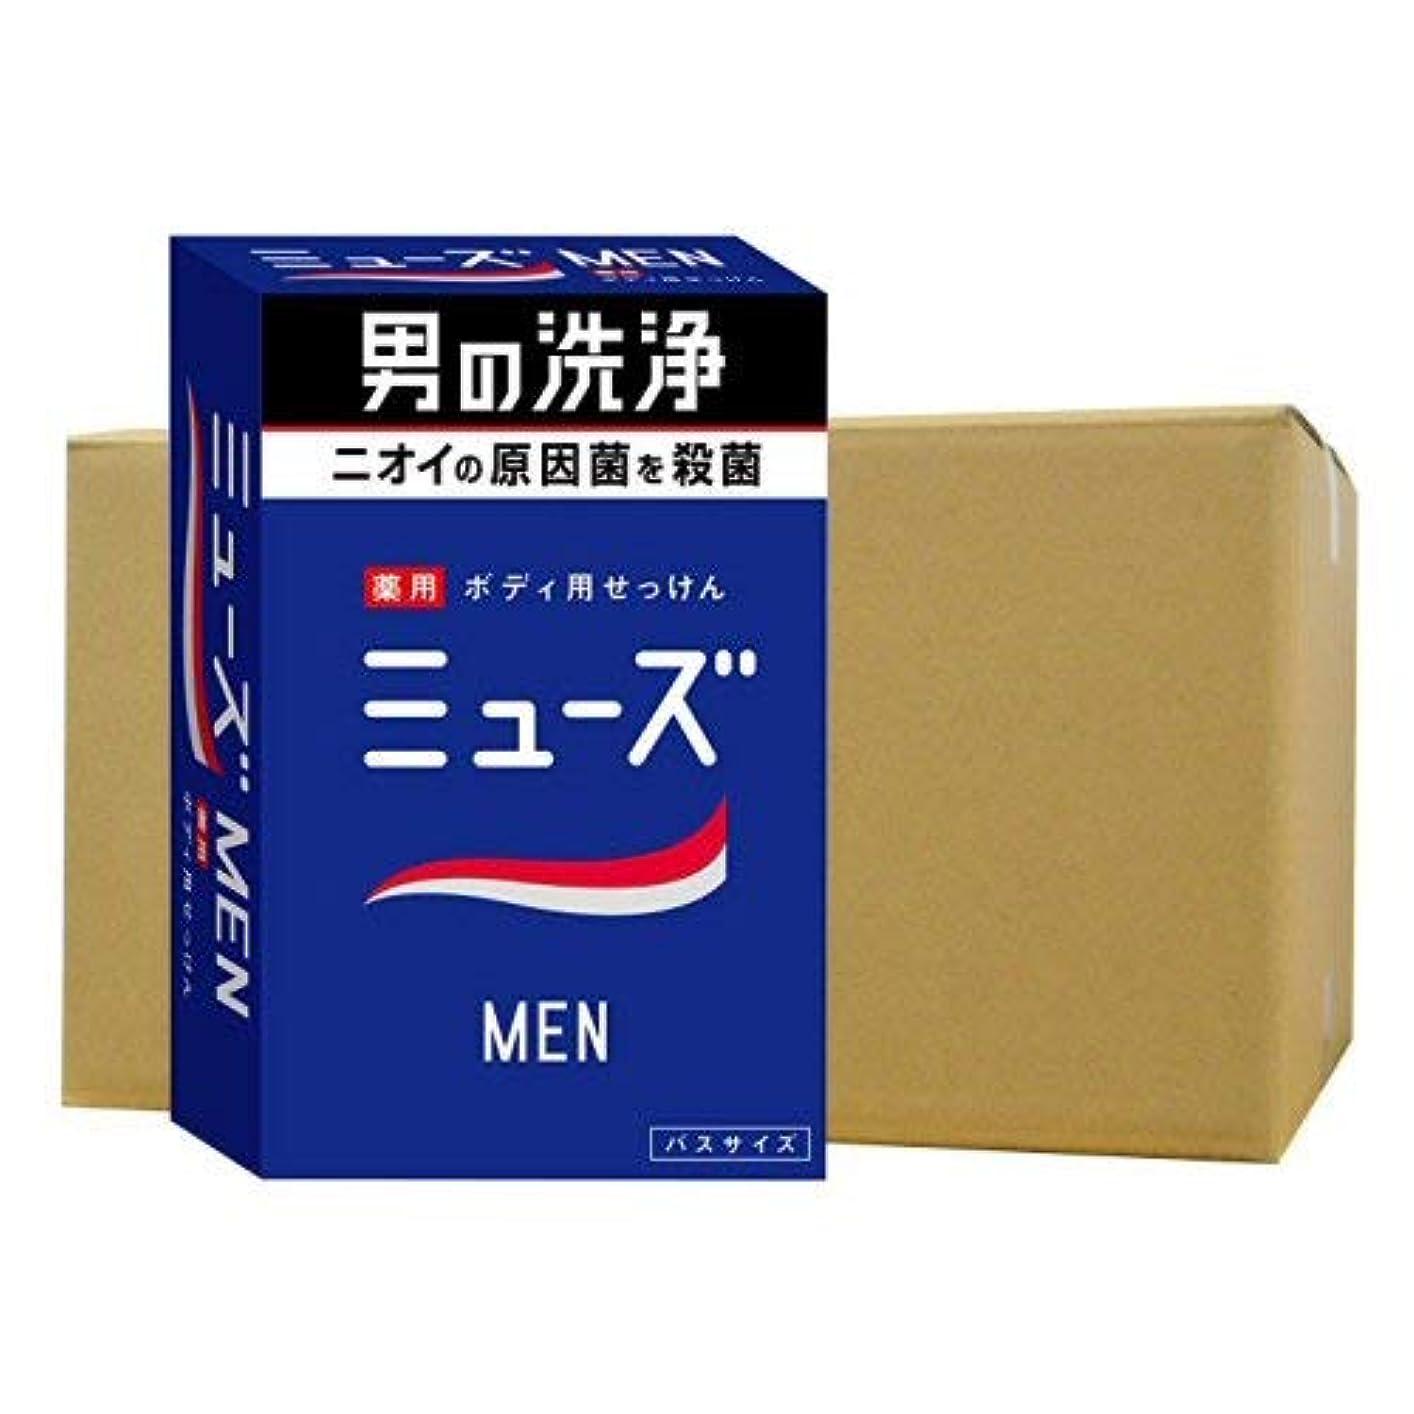 銛乱れゲストミューズメン薬用石鹸 135g×24個セット